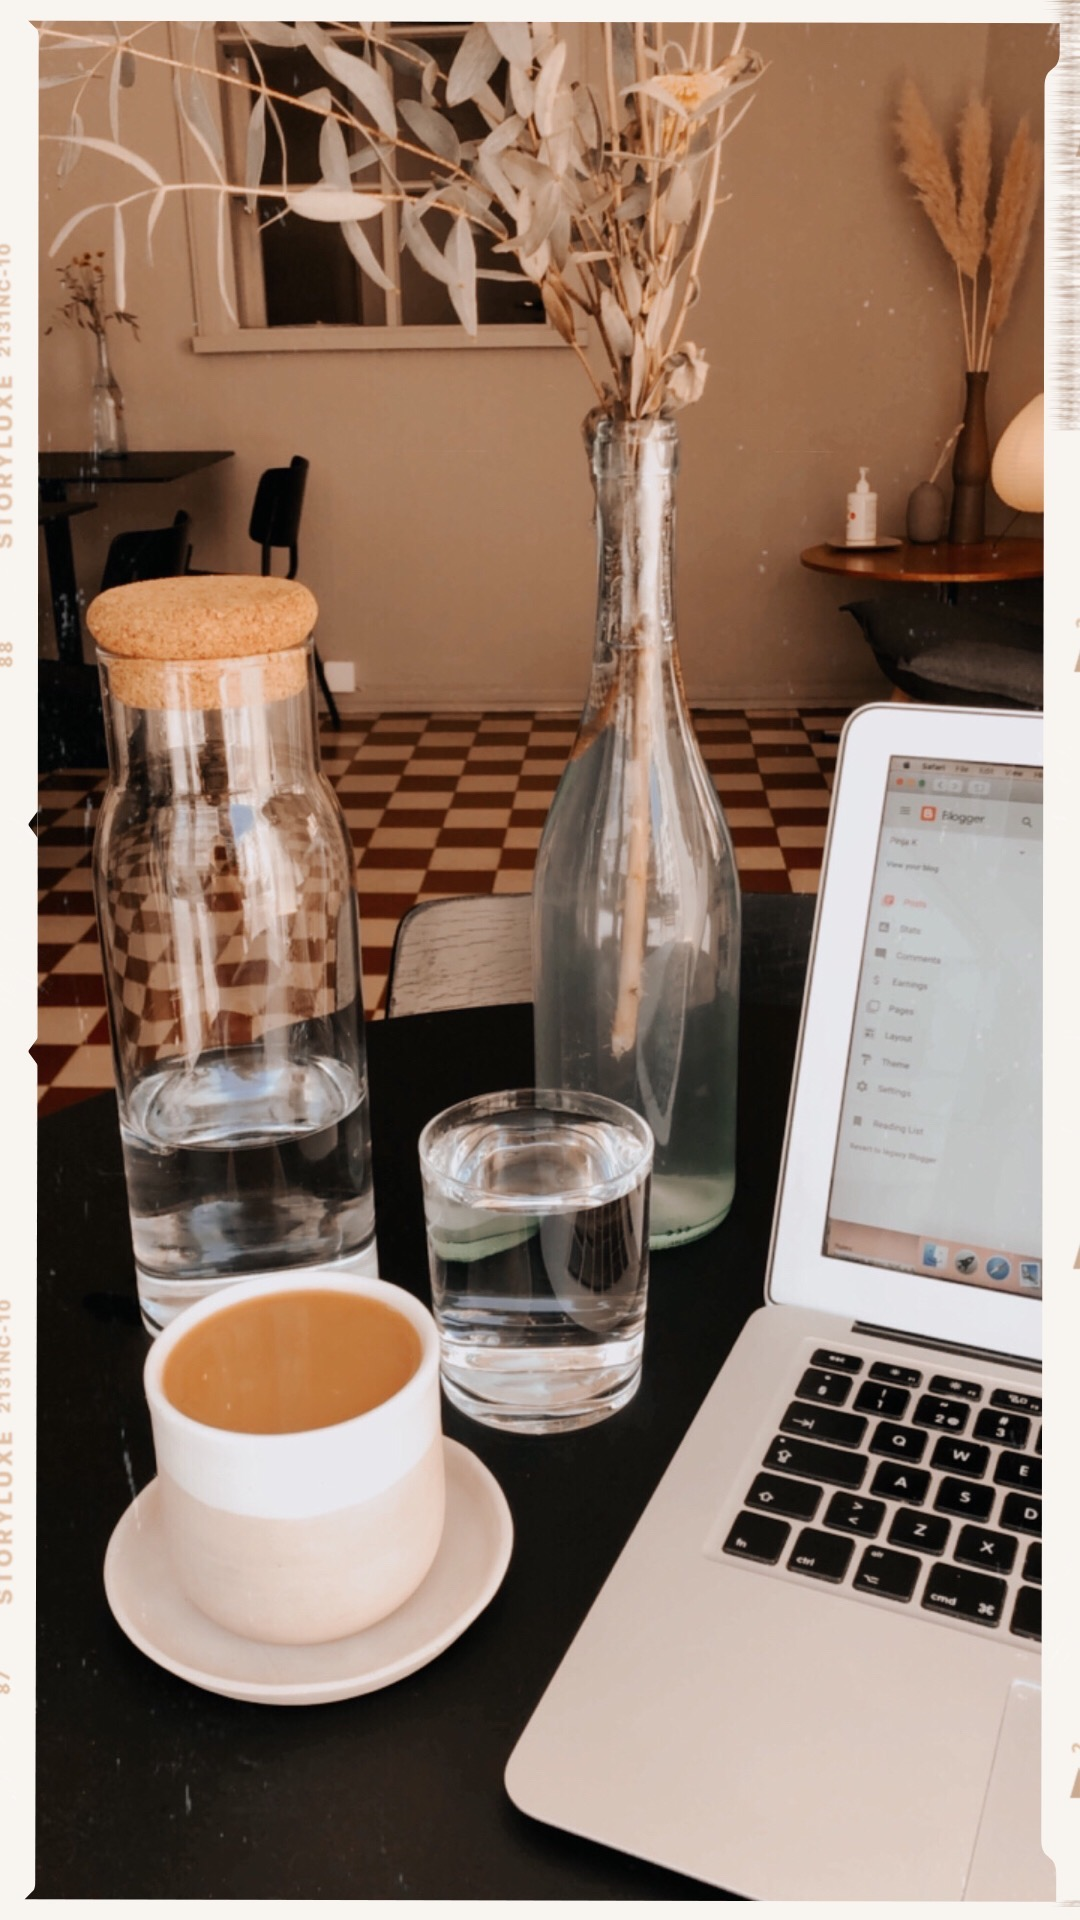 We Got This Coffee & Wine, Helsinki - kahvilat ja ravintolat Helsingissä